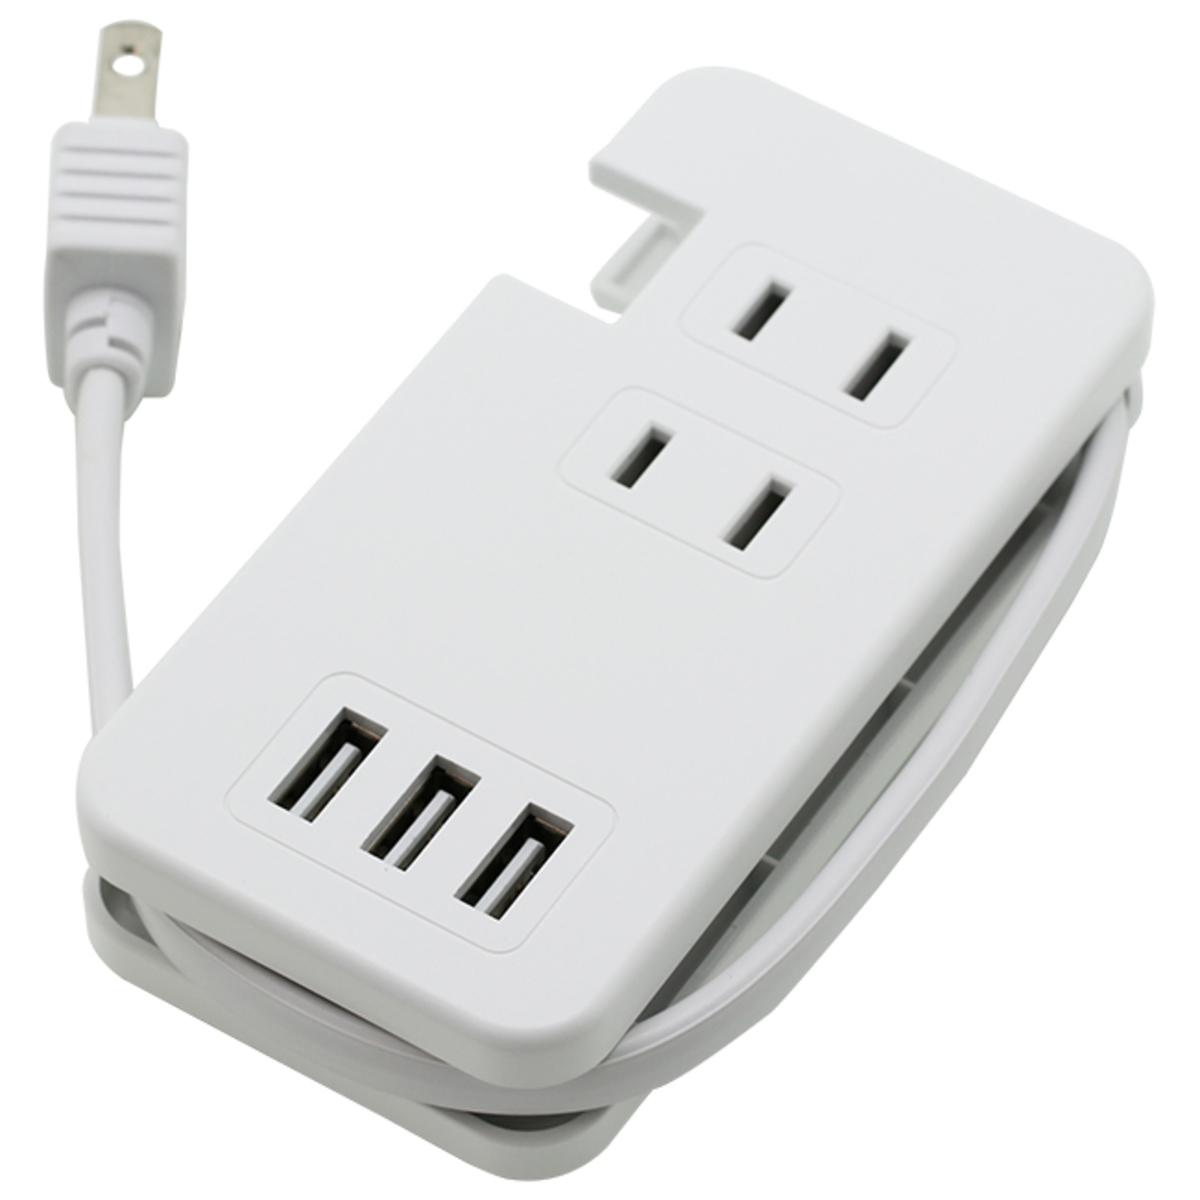 USBポート付きモバイルタップType-A×3/AC×3